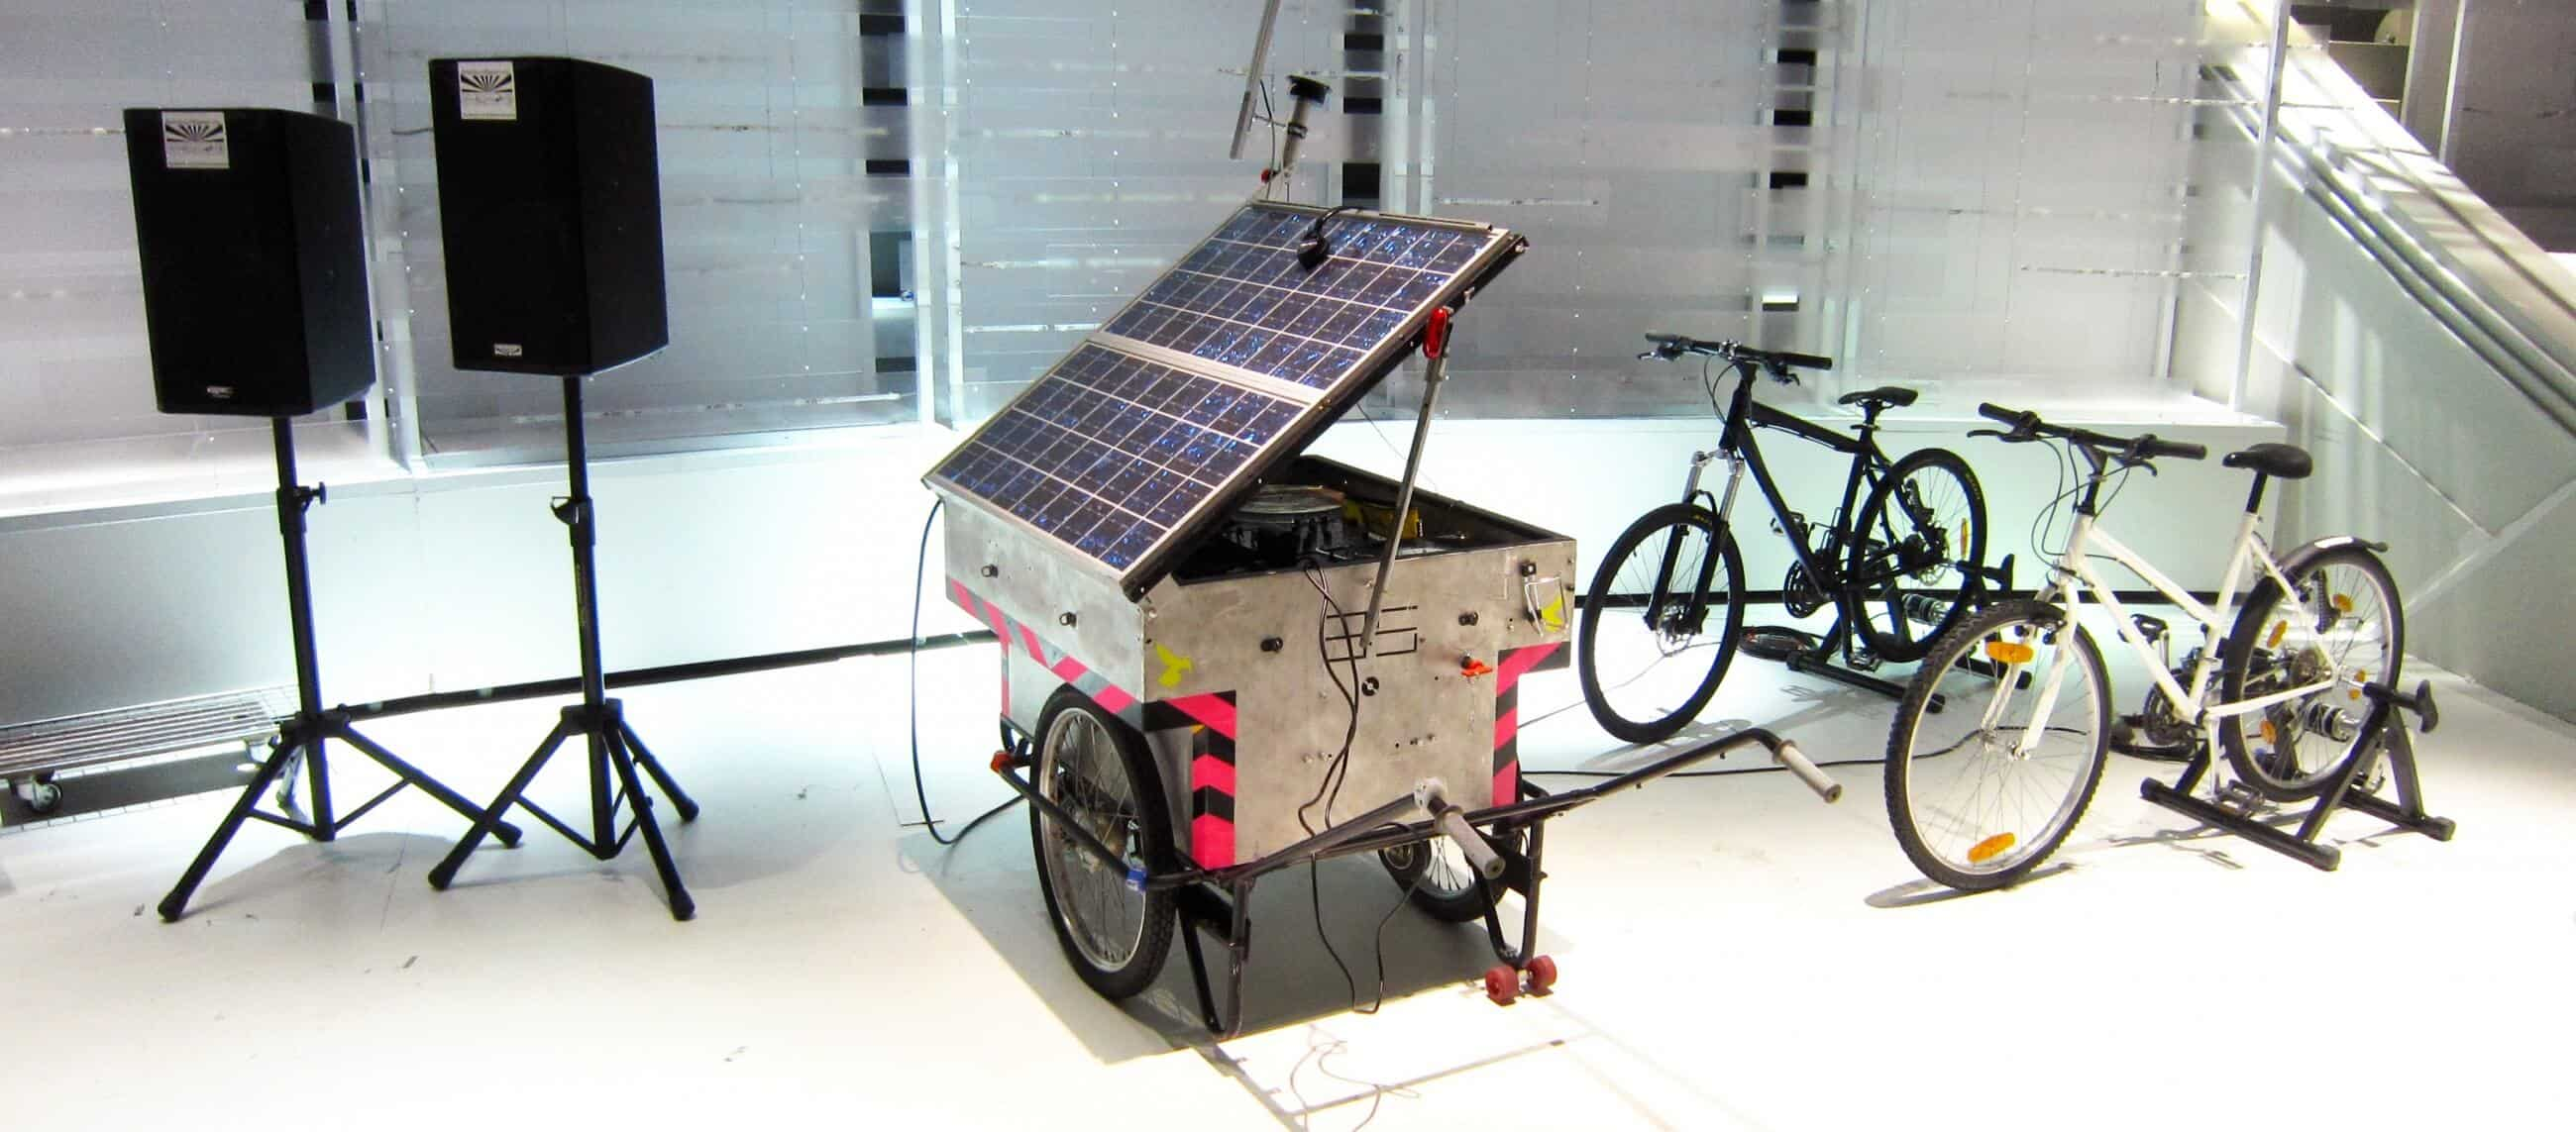 SolarSoundSystem